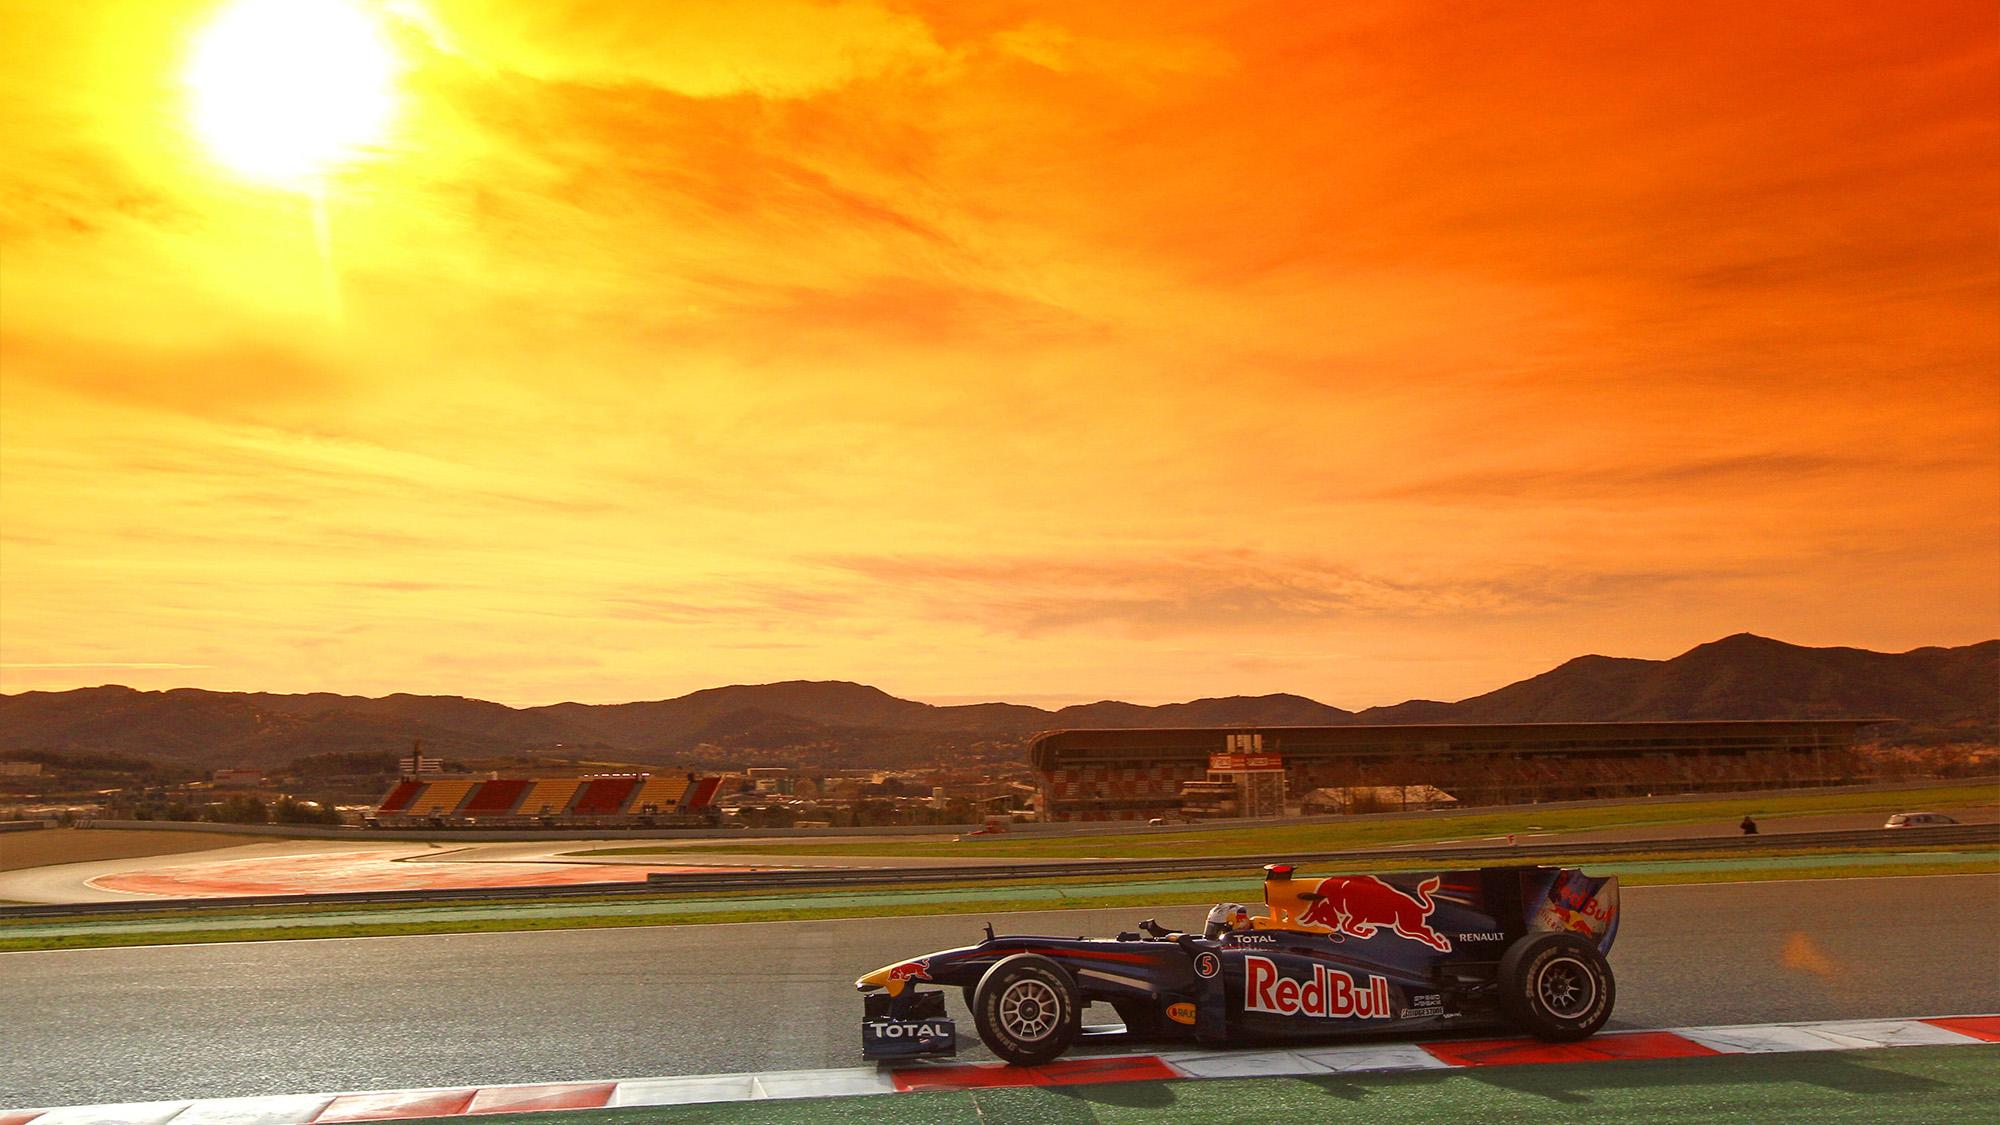 Sebastian Vettel's Red Bull during 2010 preseason F1 testing at Barcelona